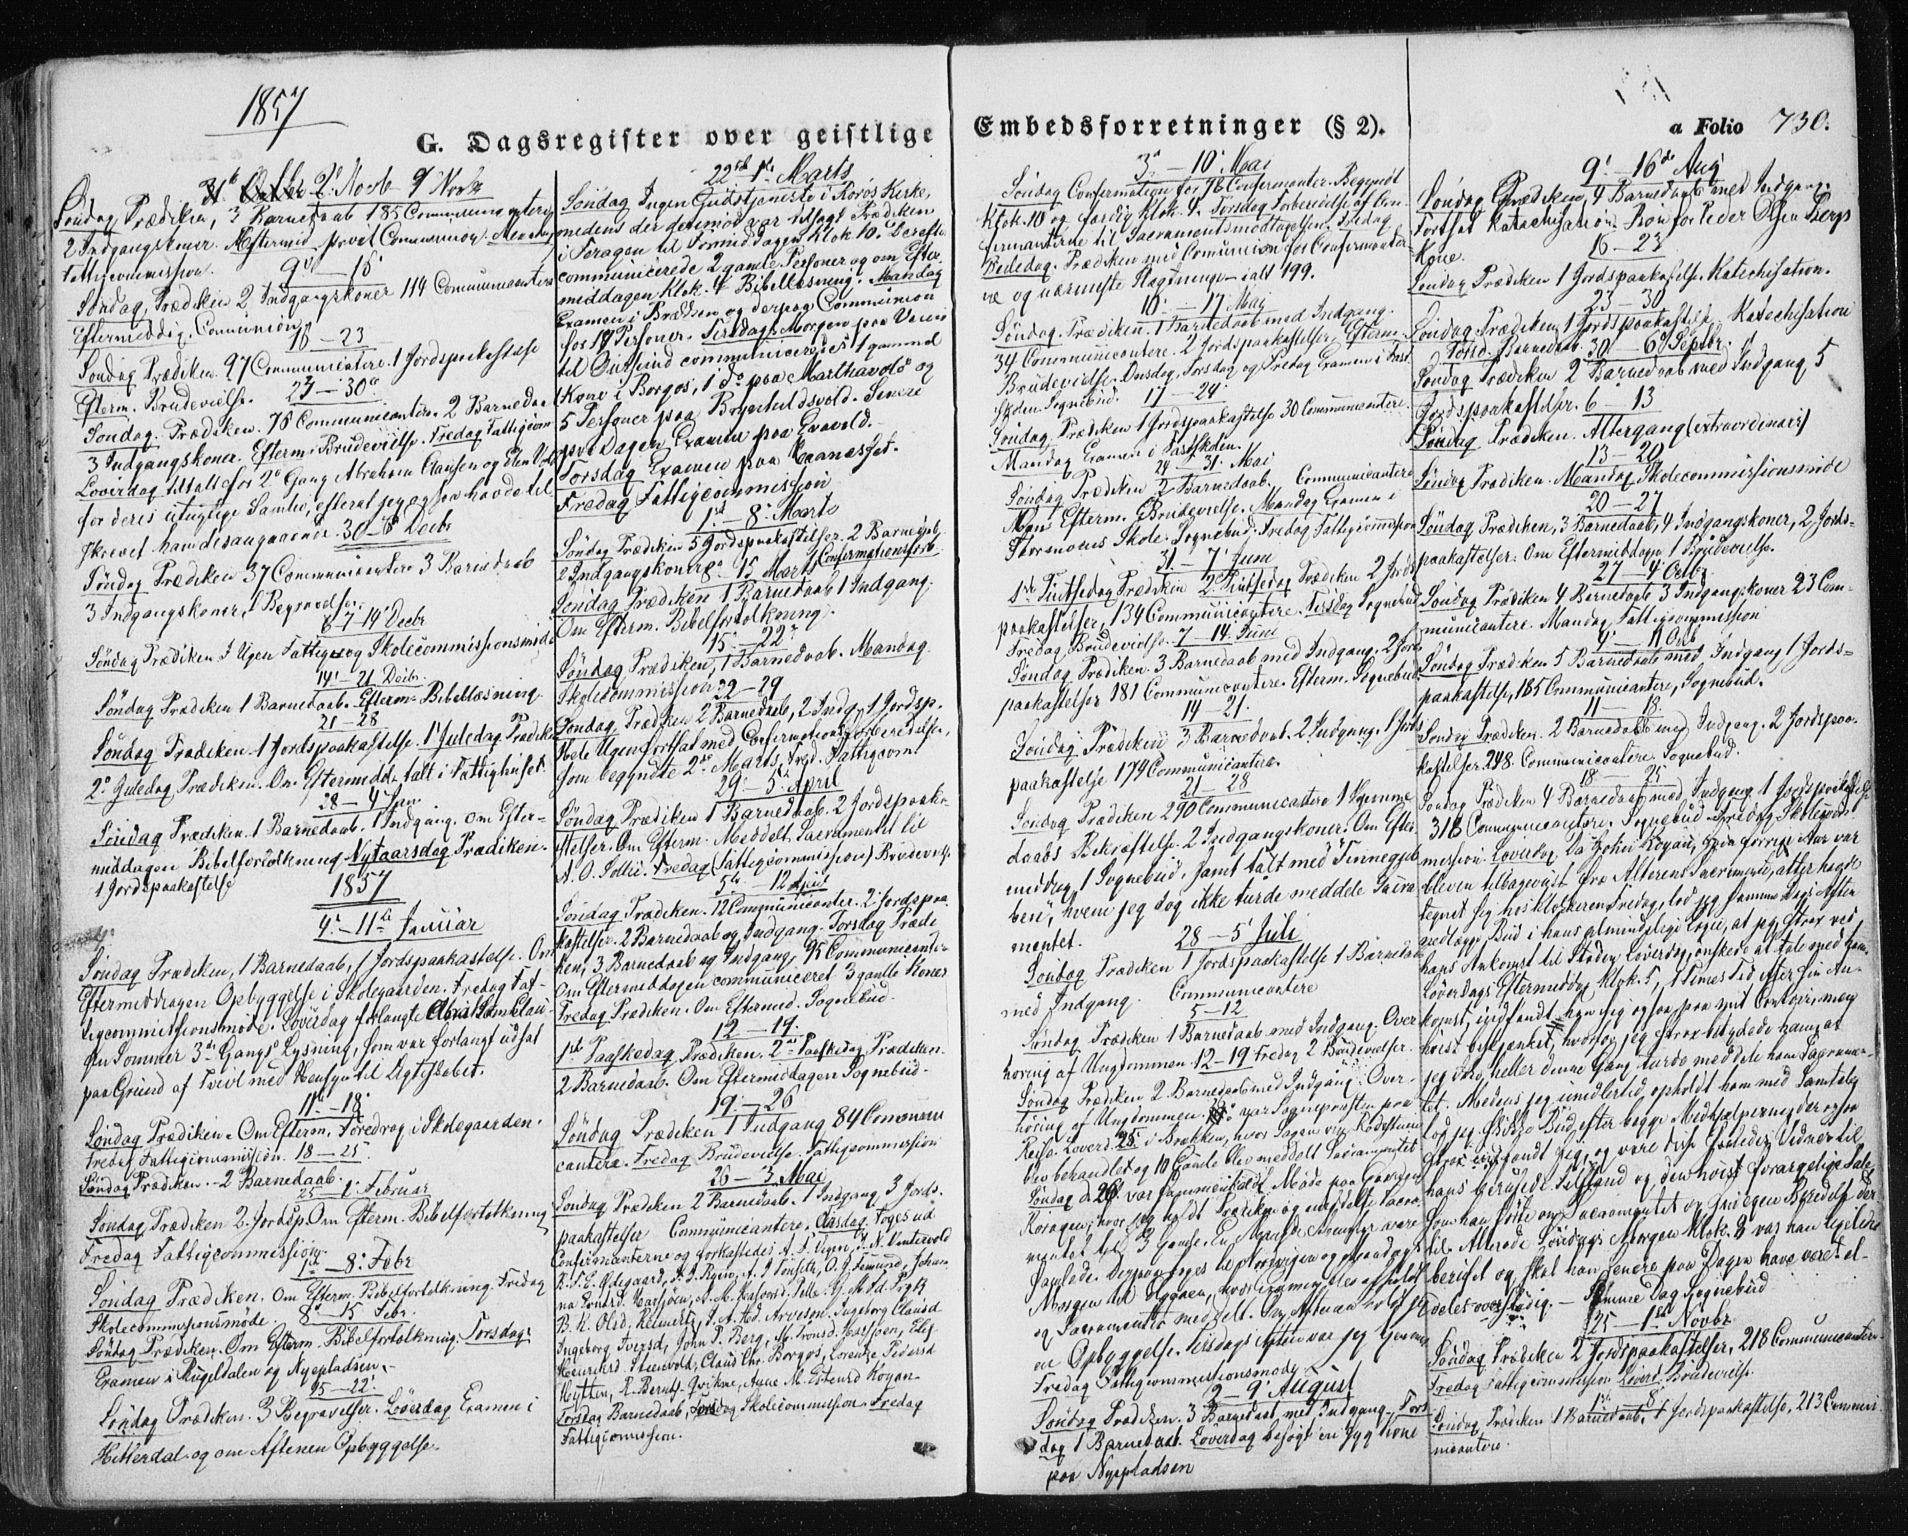 SAT, Ministerialprotokoller, klokkerbøker og fødselsregistre - Sør-Trøndelag, 681/L0931: Ministerialbok nr. 681A09, 1845-1859, s. 730